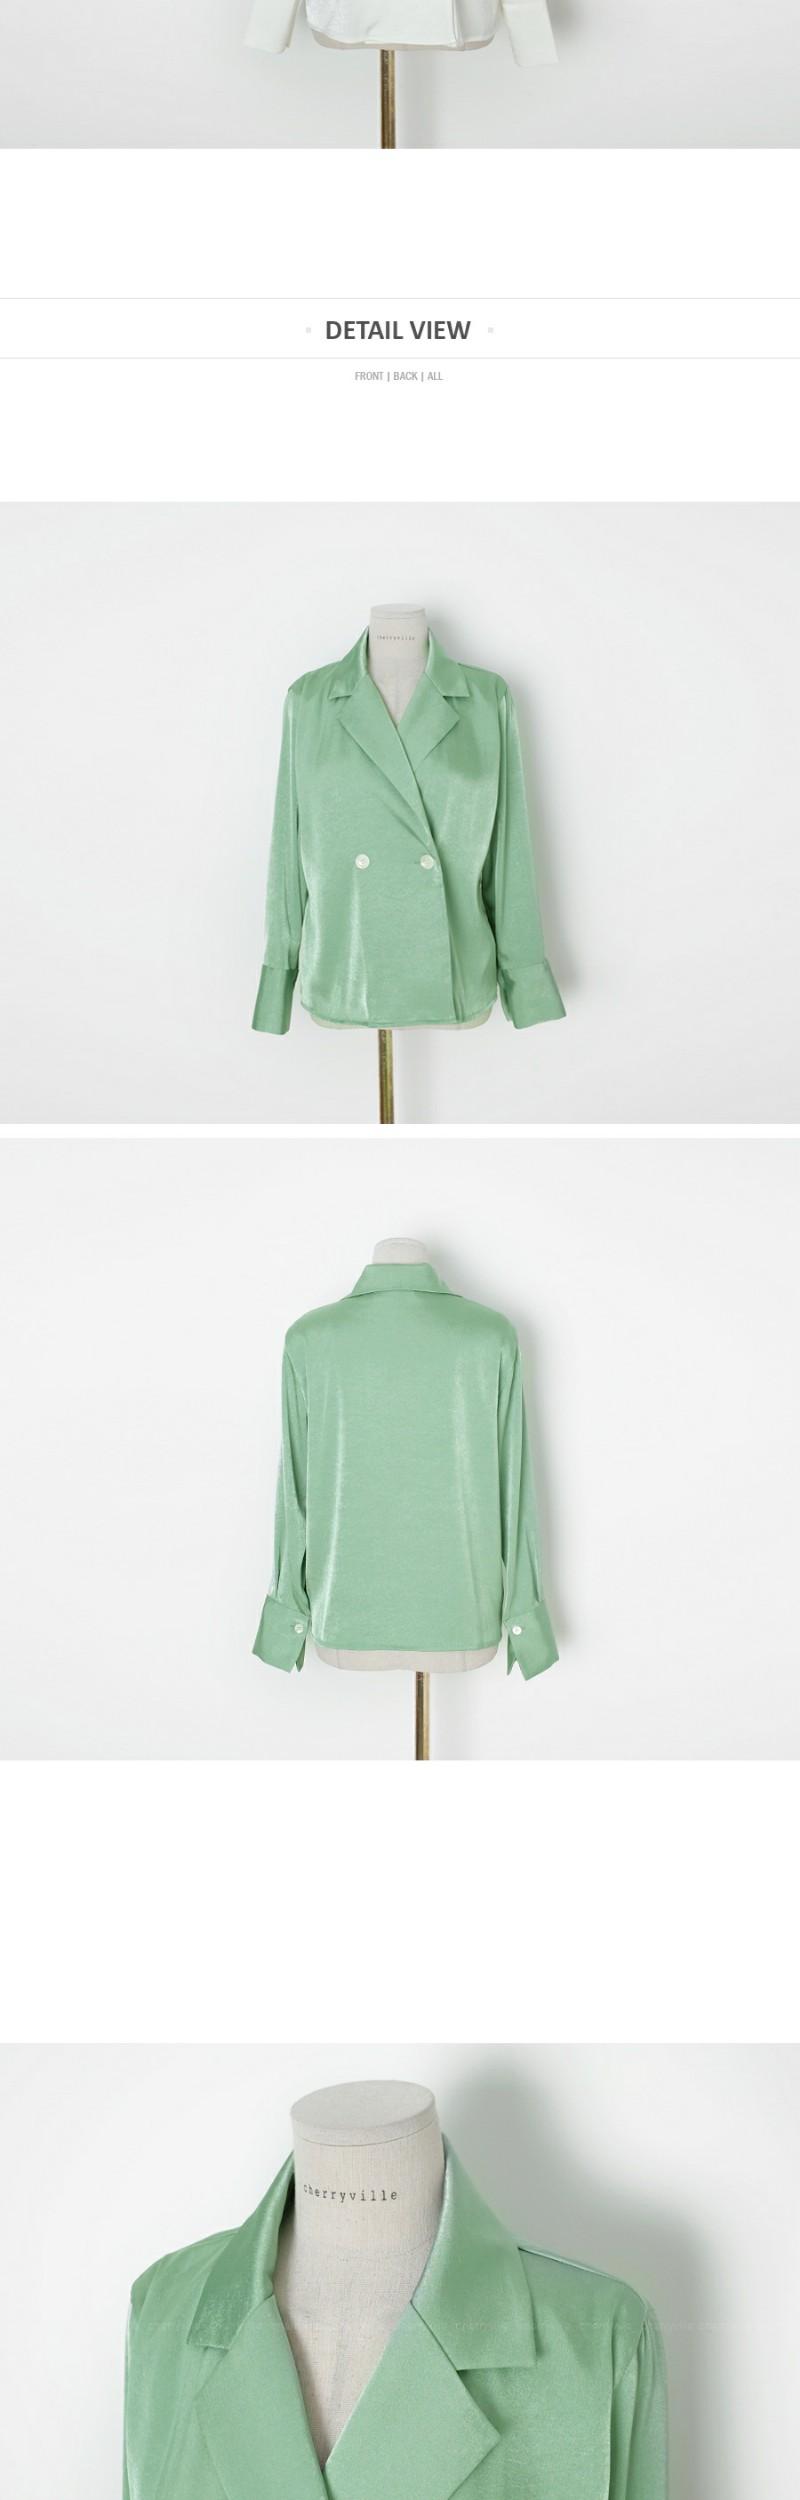 Unique color blouse